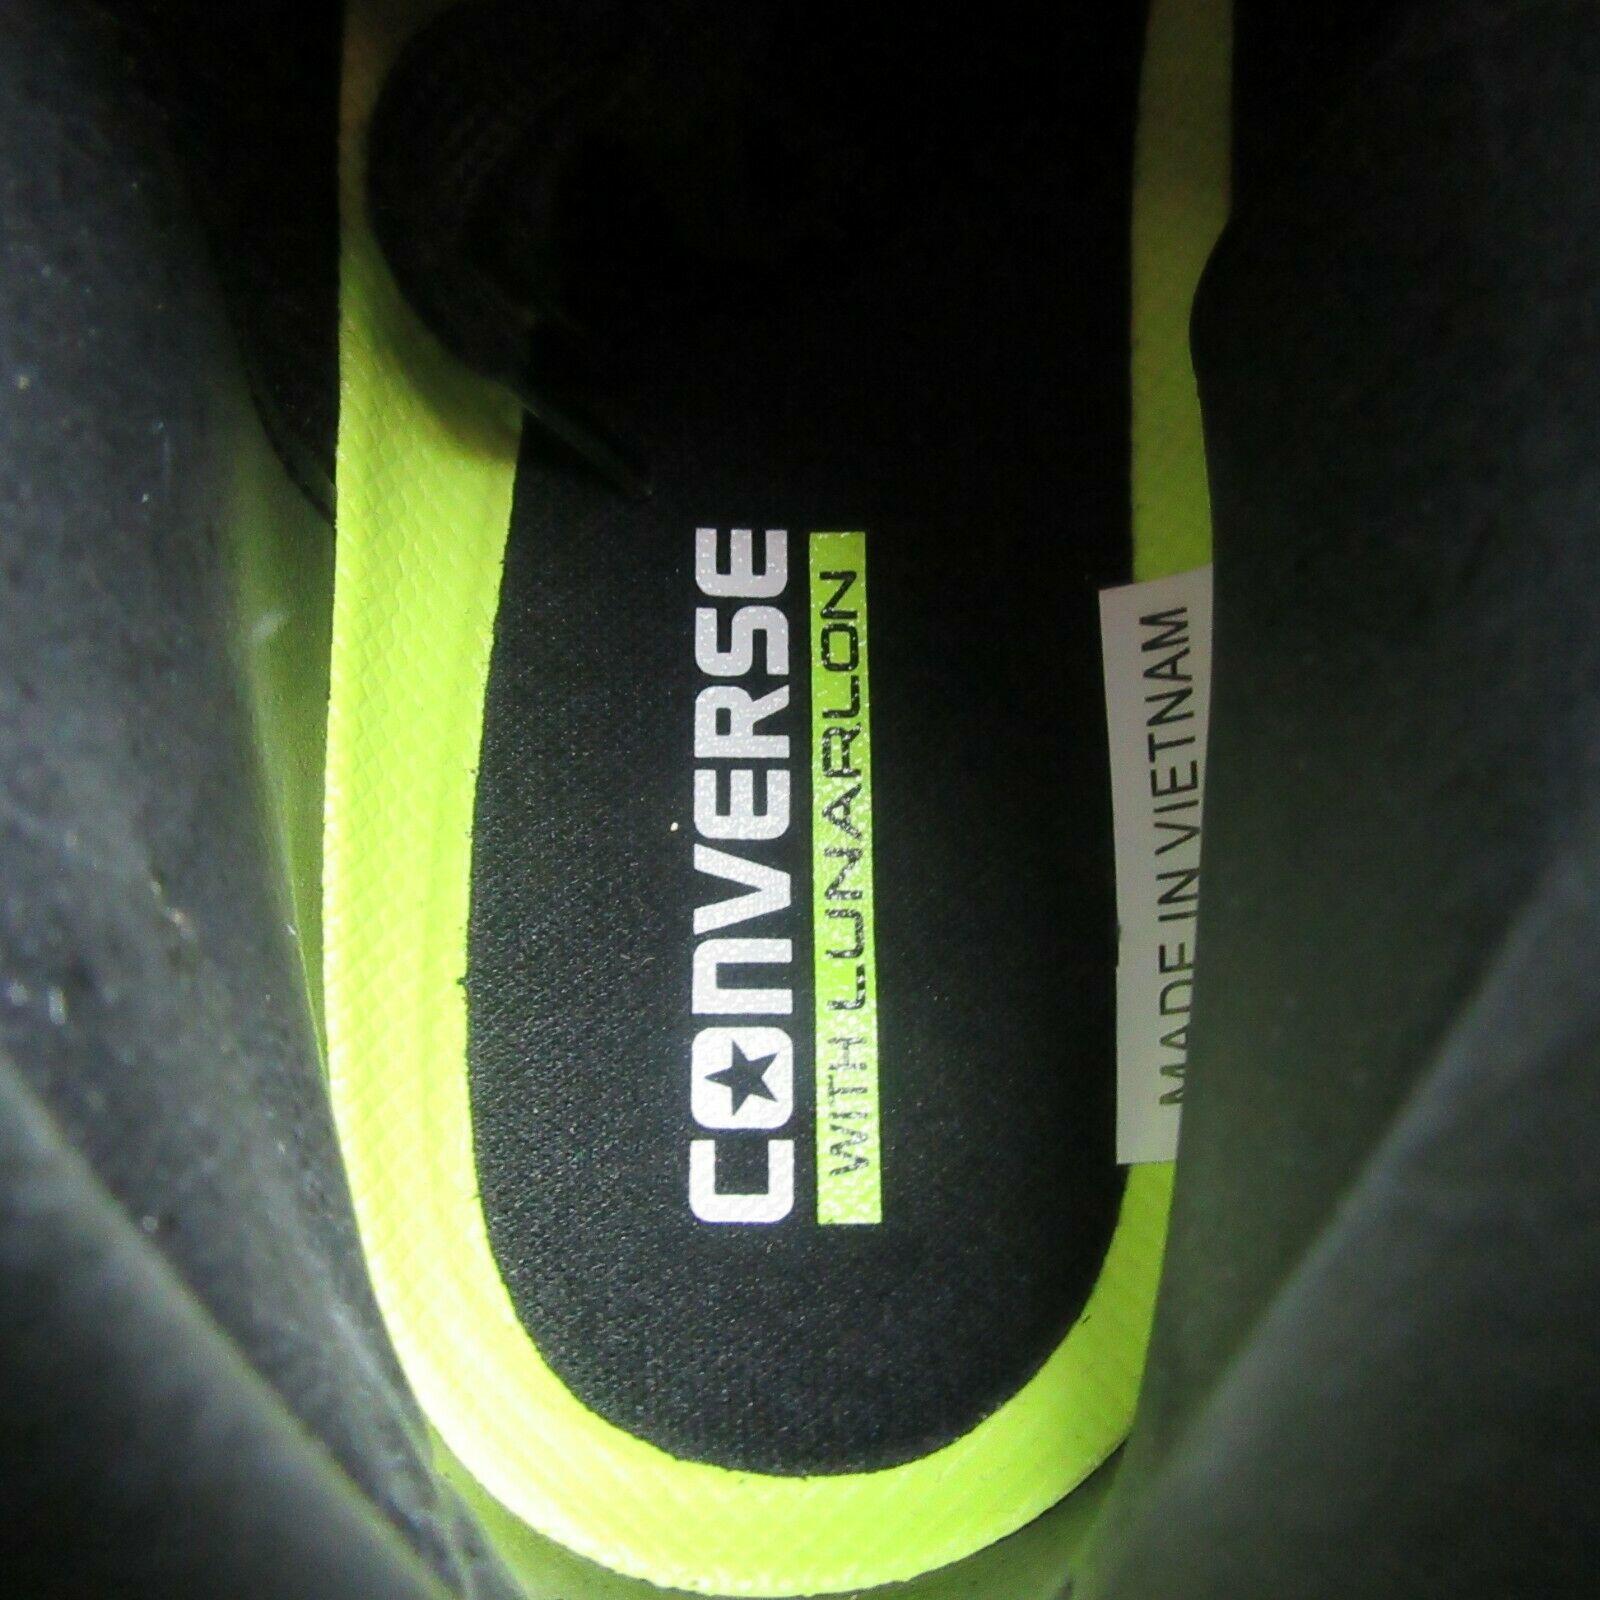 Converse PL 76 Mid Leather Top Size 9 Mens Triple Black Lunarlon 155334C New